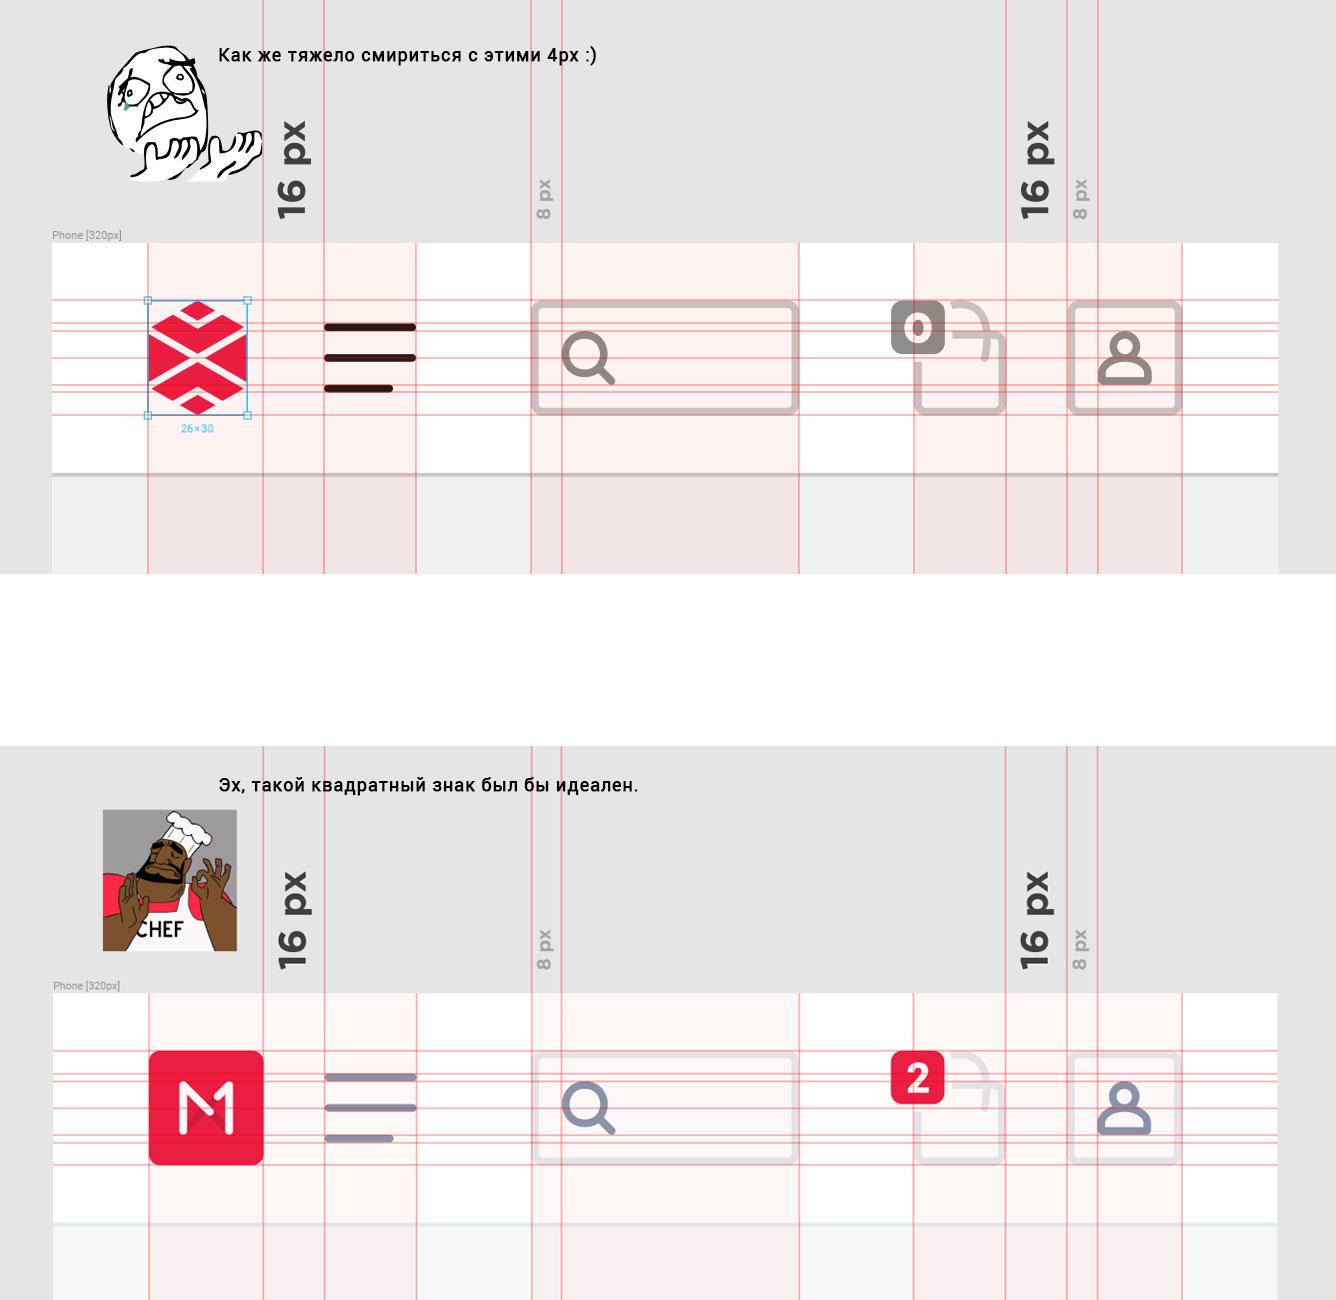 """[ конкурс ] дизайн страницы """"карточка товара"""" фото f_0515ba93504415f7.jpg"""